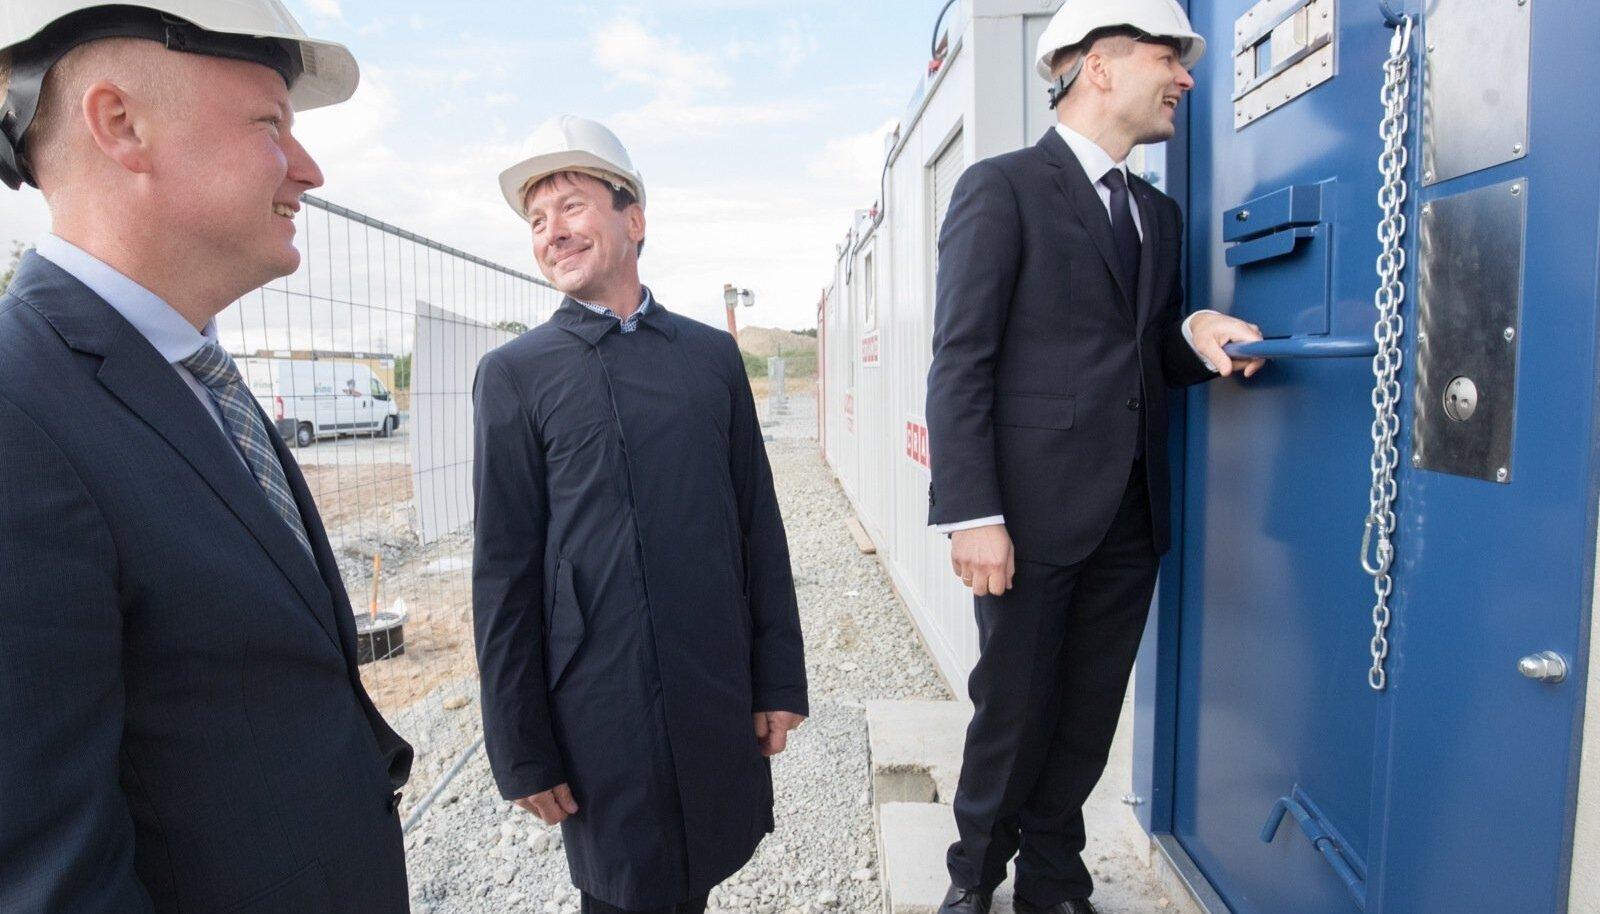 Ajal, mil võtit otsiti, hoidis Pevkur Reinsaluga sidet läbi vangikambri ukse.